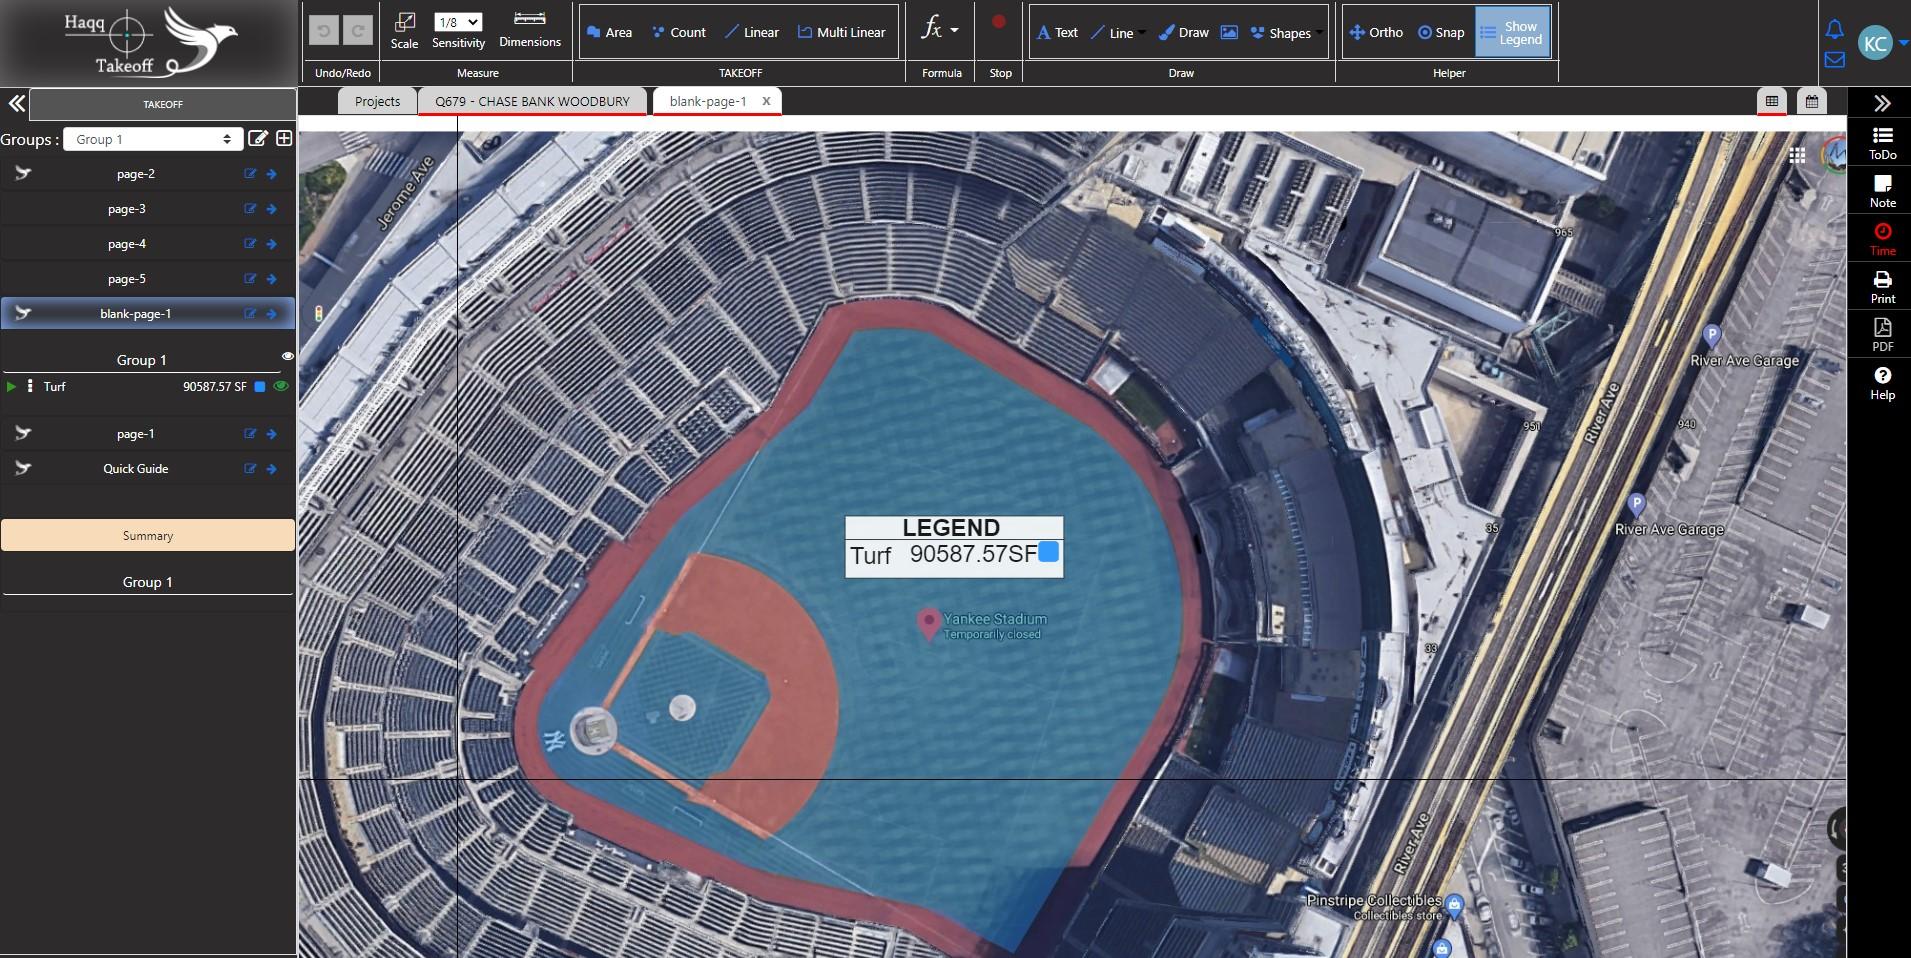 Haqq Takeoff Google Maps